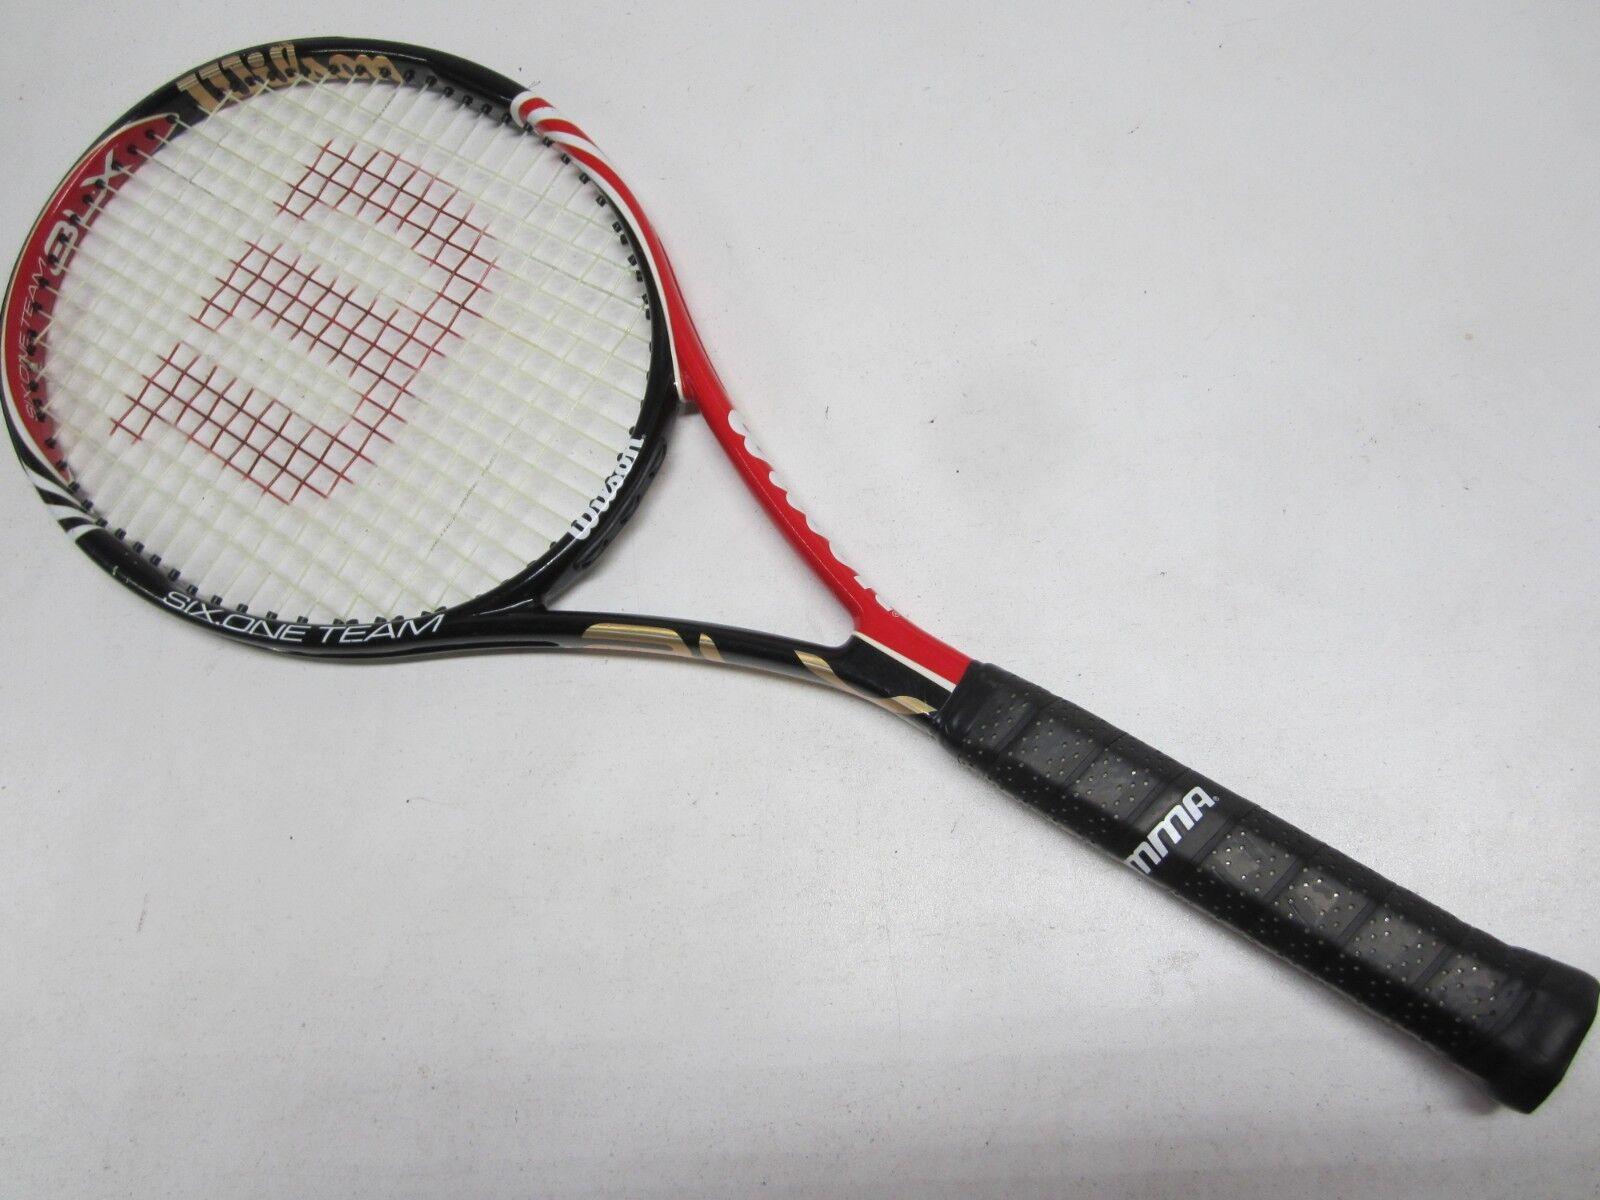 Wilson kfactor Ksix un equipo 95 tenis raqueta (4 3 8) distribuidor autorizado de demostración